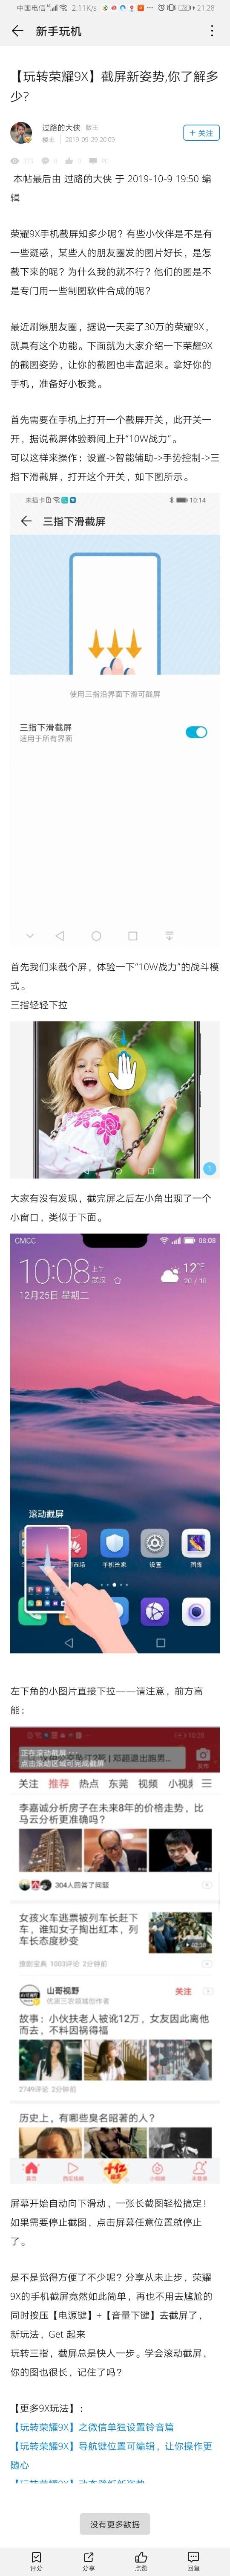 Screenshot_20191010_212853_com.huawei.fans.jpg